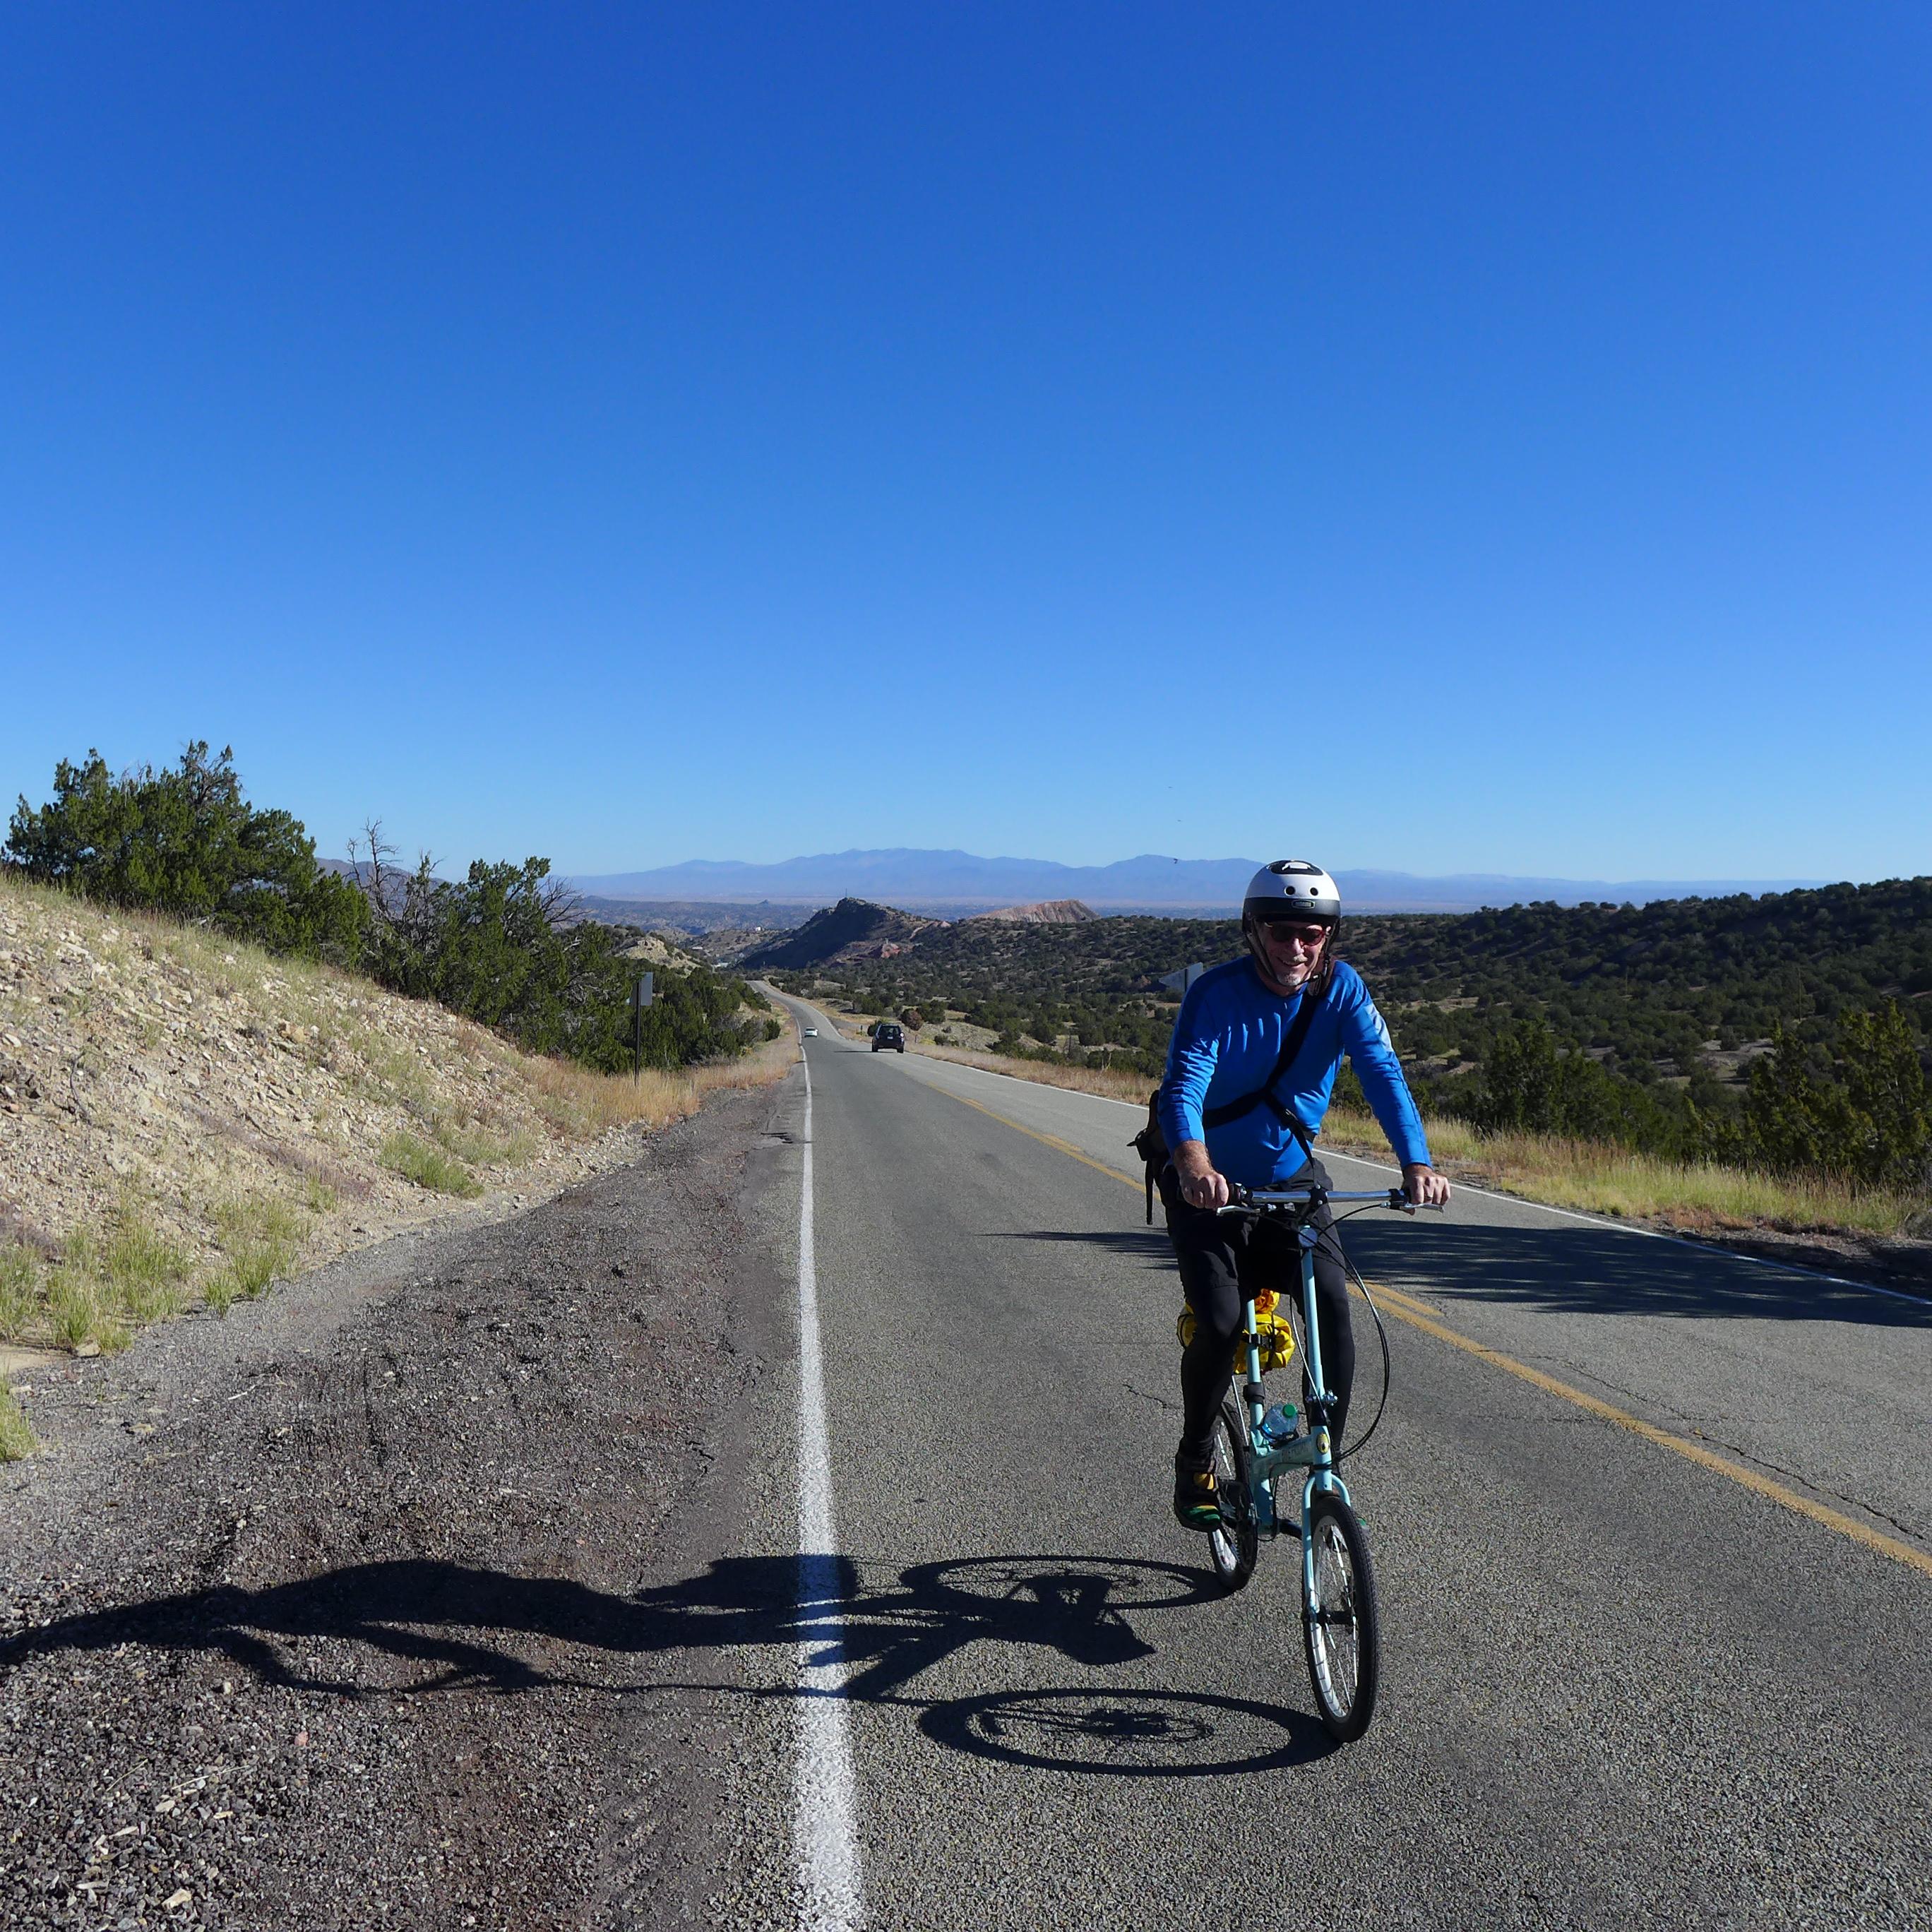 ten miles outside Madrid NM